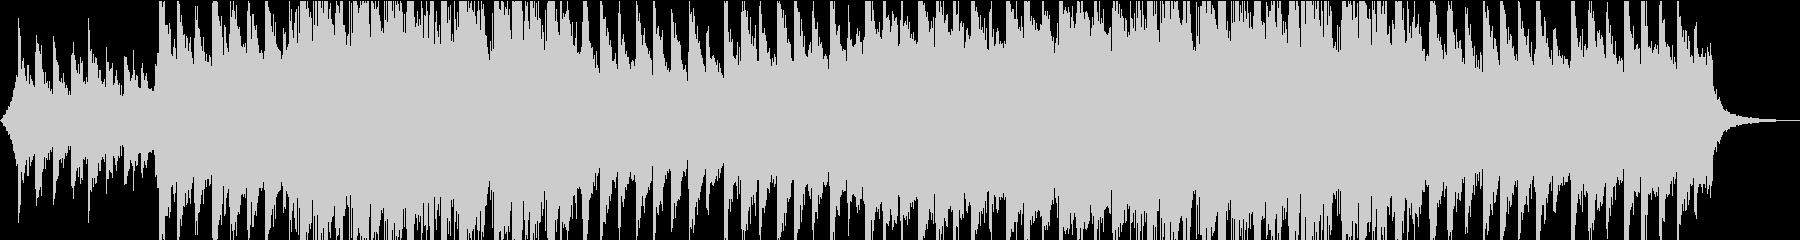 印象に残るメロディのピアノストリングス③の未再生の波形